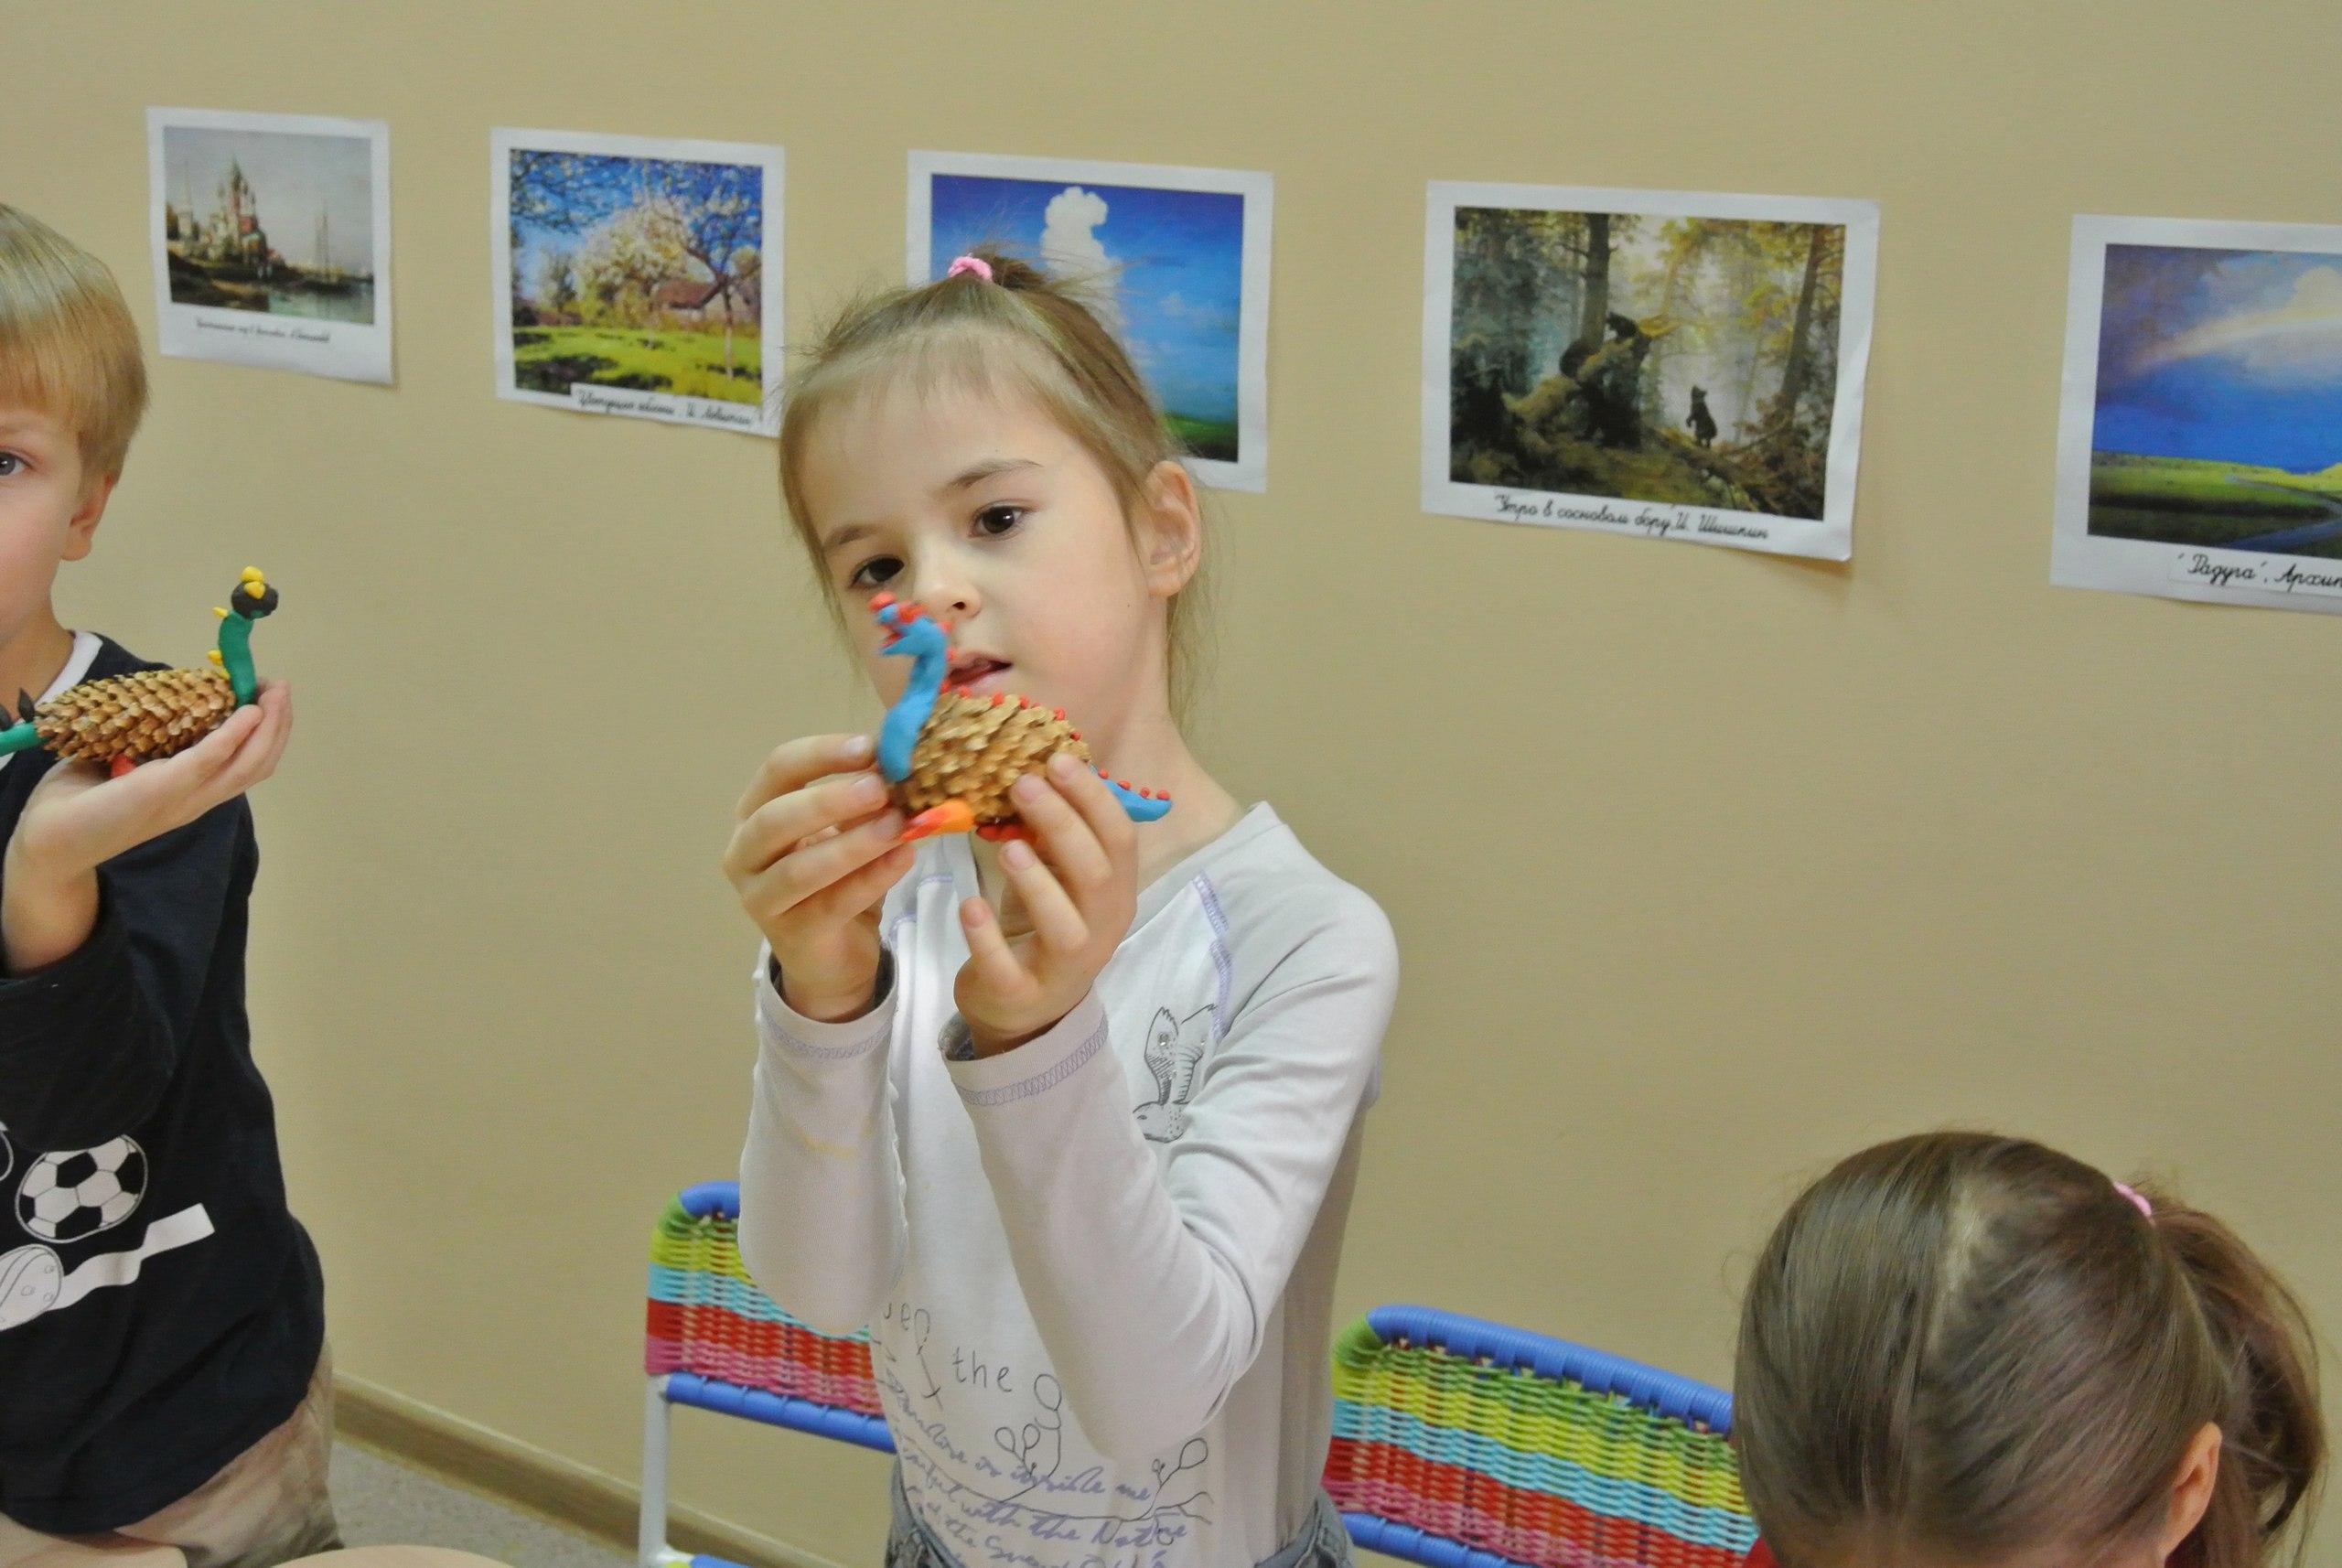 Монтессори Саратов - Центр развития ребенка Классики. Мария Монтессори